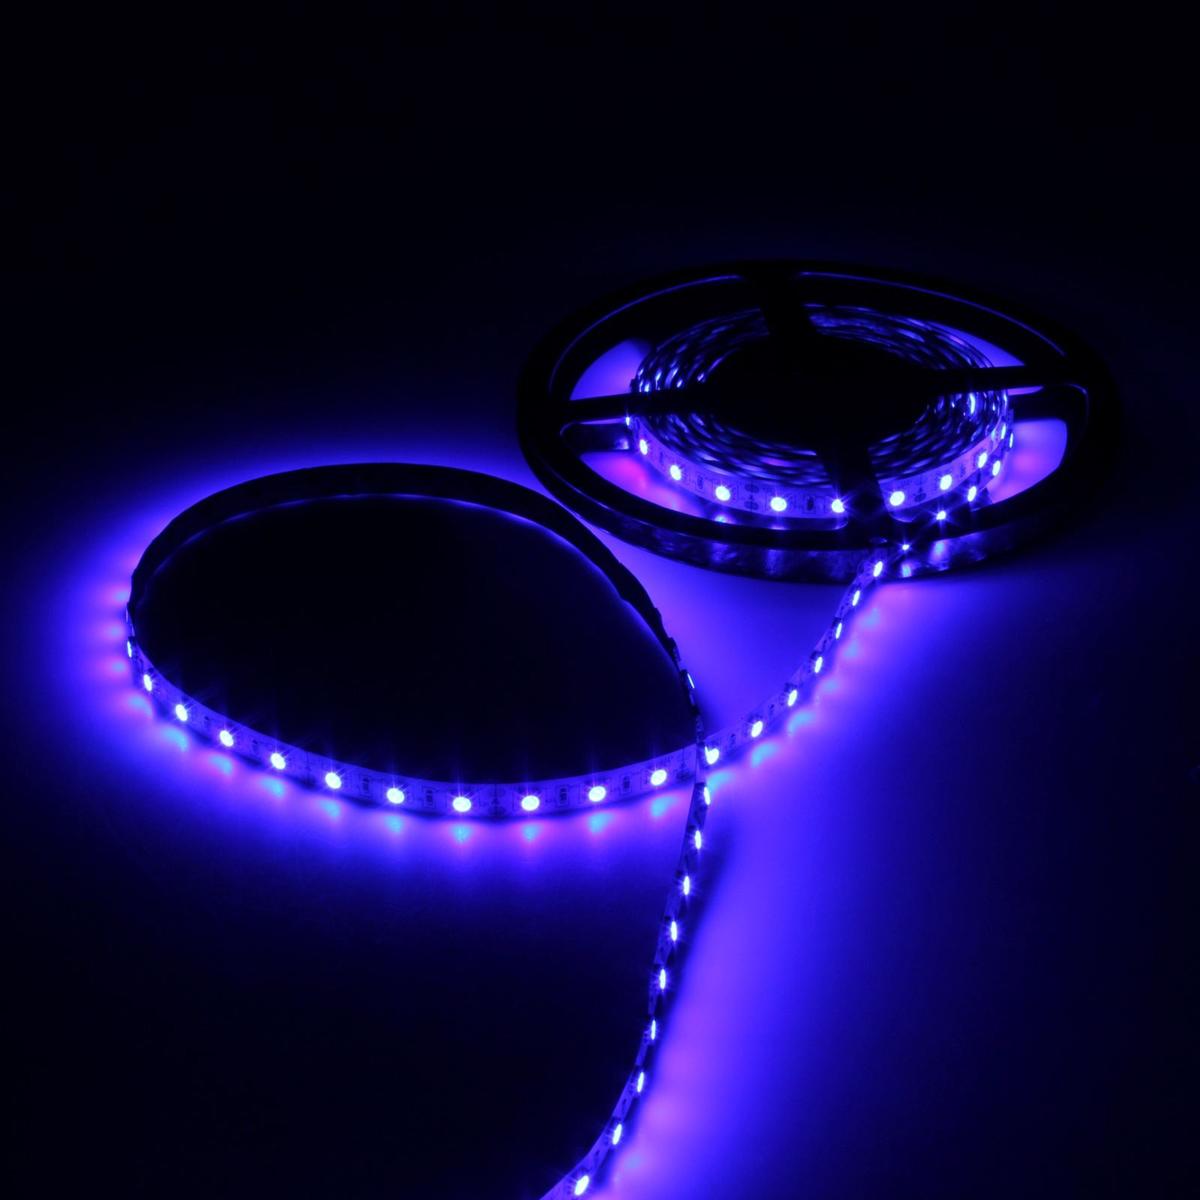 Светодиодная лента Luazon, 12В, SMD5050, длина 5 м, IP33, 60 LED ламп, 14.4 Вт/м, 14-16 Лм/1 LED, DC, цвет: синий883941Светодиодные гирлянды, ленты и т.д — это отличный вариант для новогоднего оформления интерьера или фасада. С их помощью помещение любого размера можно превратить в праздничный зал, а внешние элементы зданий, украшенные ими, мгновенно станут напоминать очертания сказочного дворца. Такие украшения создают ауру предвкушения чуда. Деревья, фасады, витрины, окна и арки будто специально созданы, чтобы вы украсили их светящимися нитями.